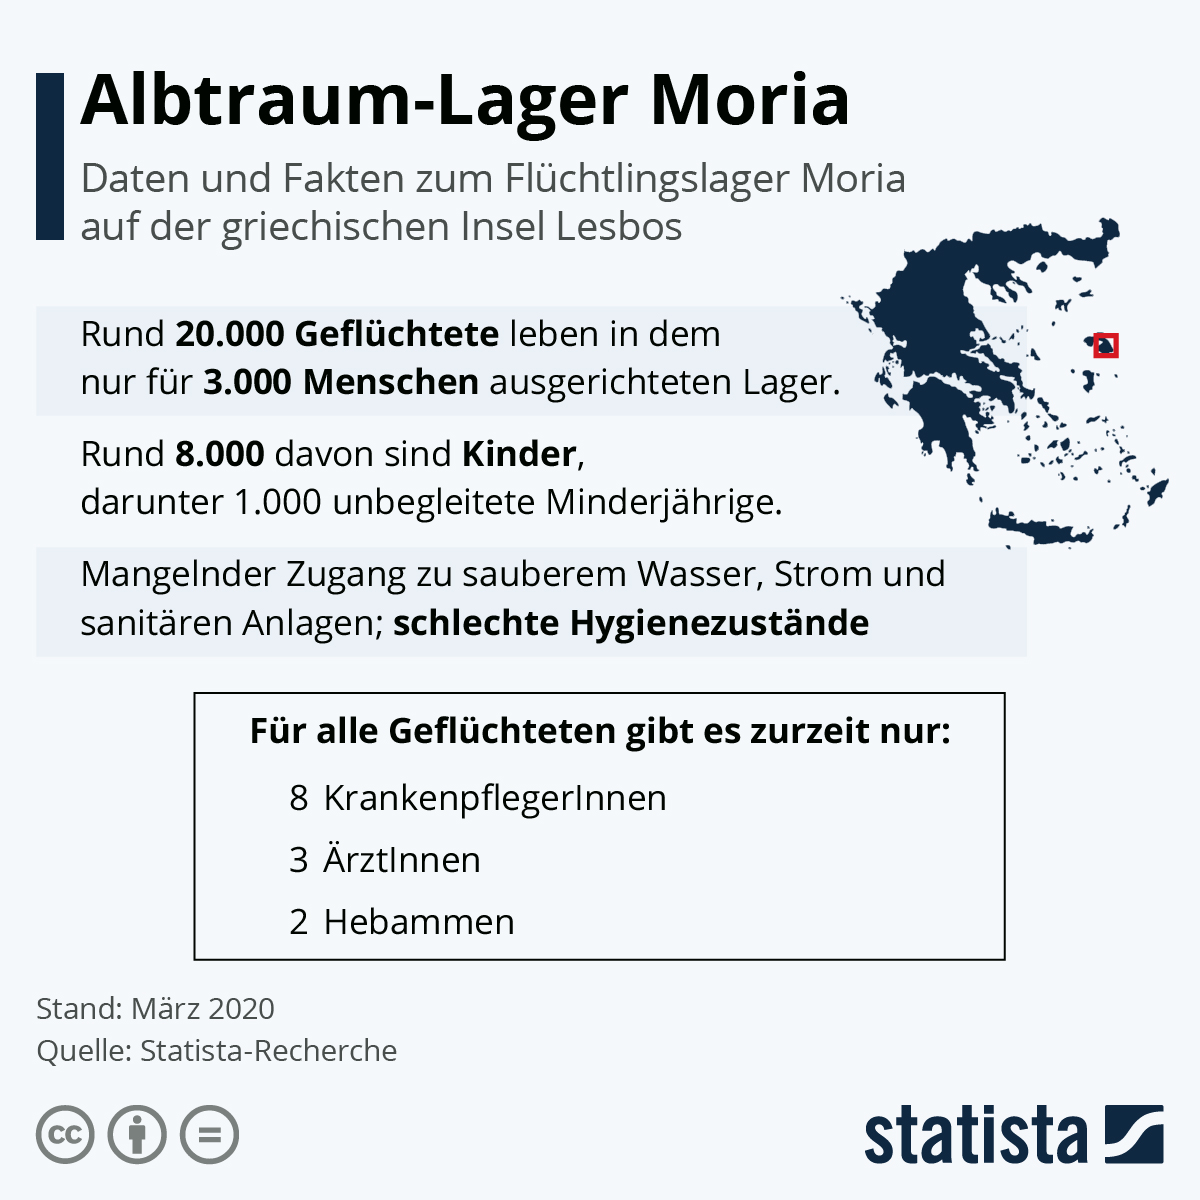 Infografik: Moria ist COVID-19 hilflos ausgeliefert | Statista